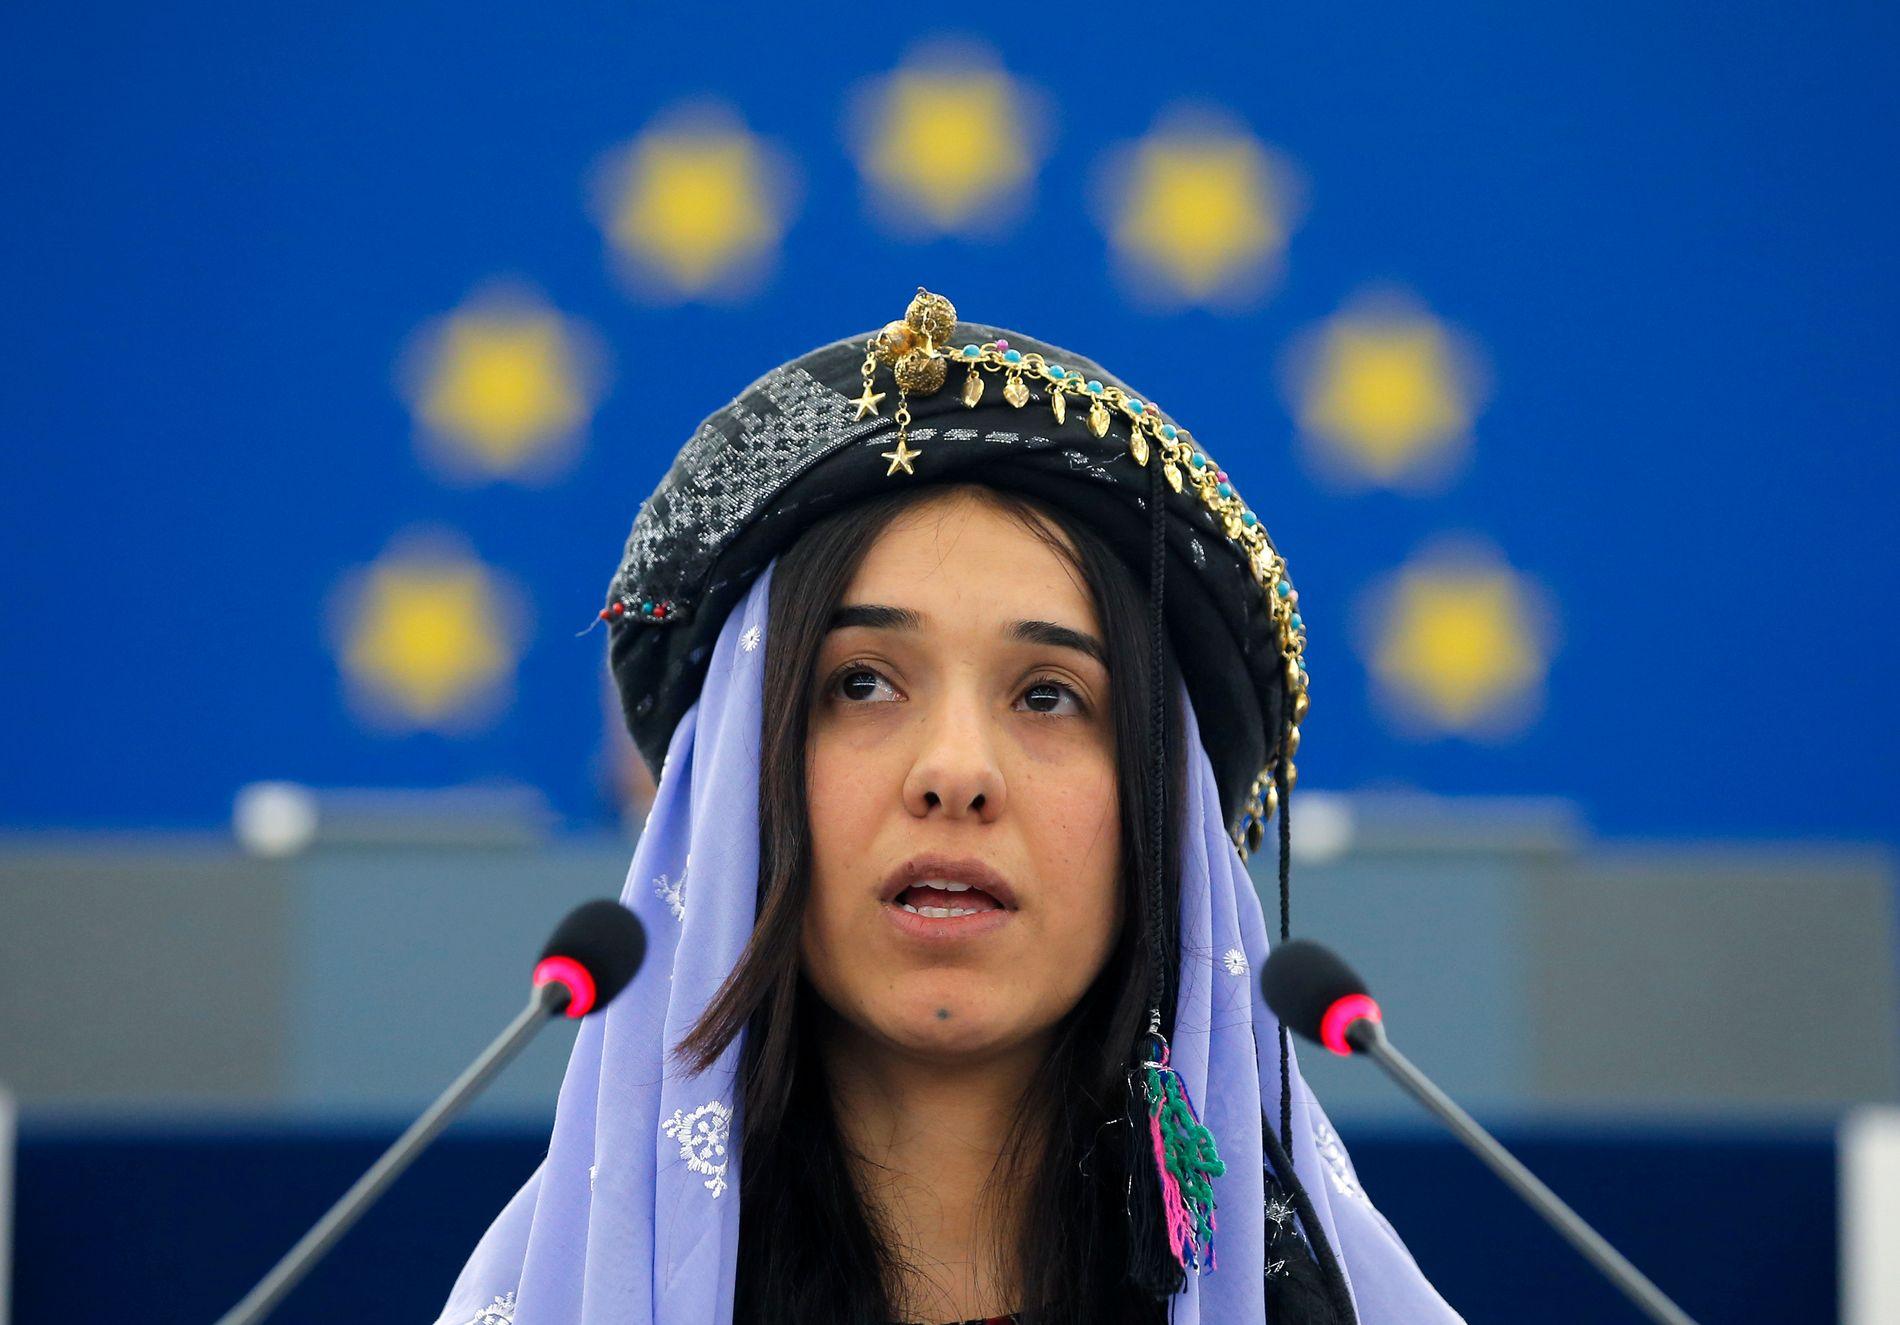 NY STOLTHET: Fredsprisen til Nadia Murad har gitt kurderne ny stolthet over sin identitet, skriver Haci Akman. Bildet er fra da hun holdt tale i Europaparlamentet da hun mottok Sakharov-prisen i 2016.